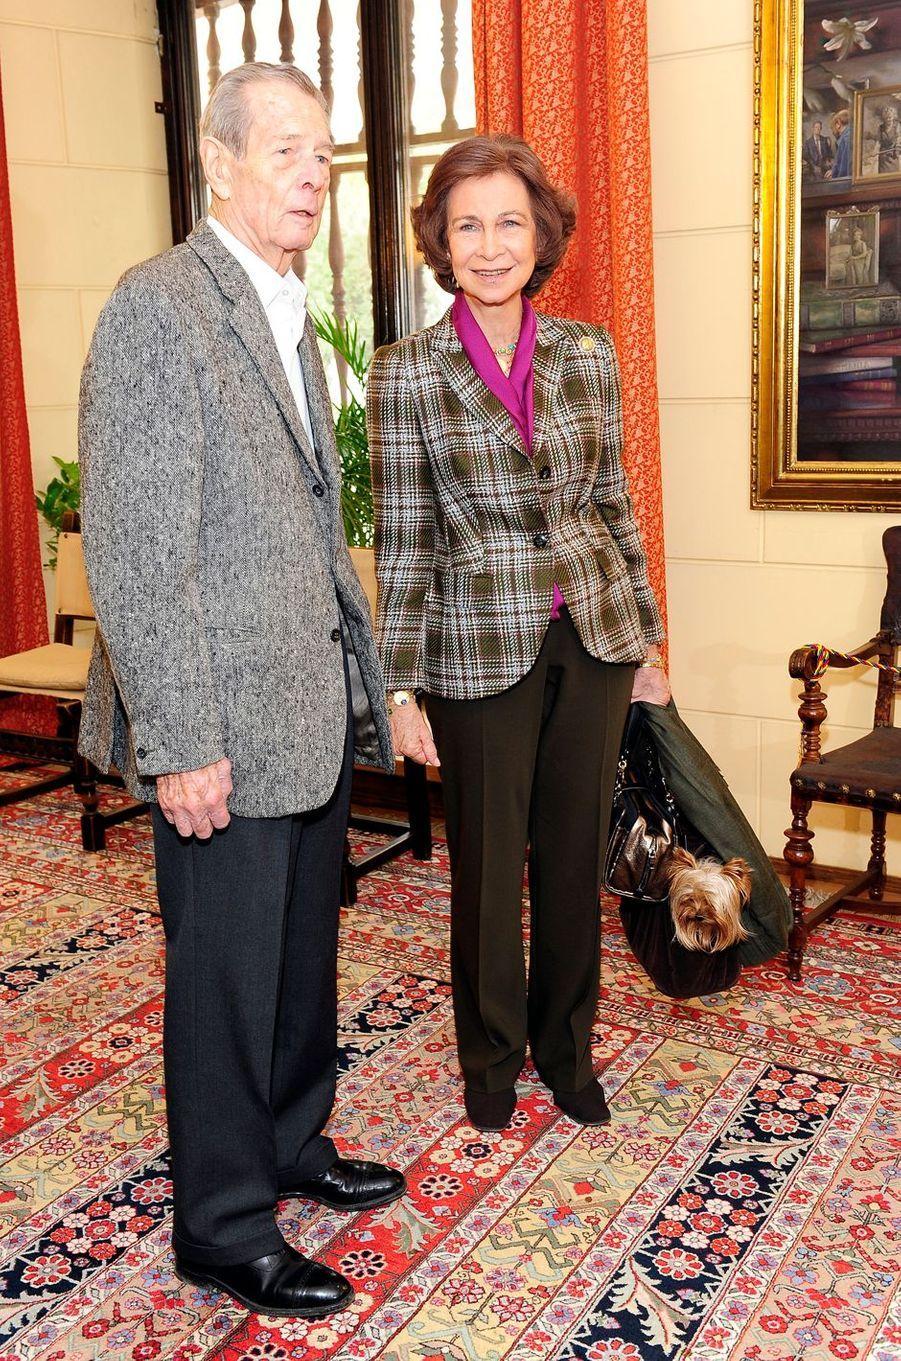 L'ex-roi Michel de Roumanie avec la reine Sofia d'Espagne, sa cousine, le 26 octobre 2011 à Bucarest